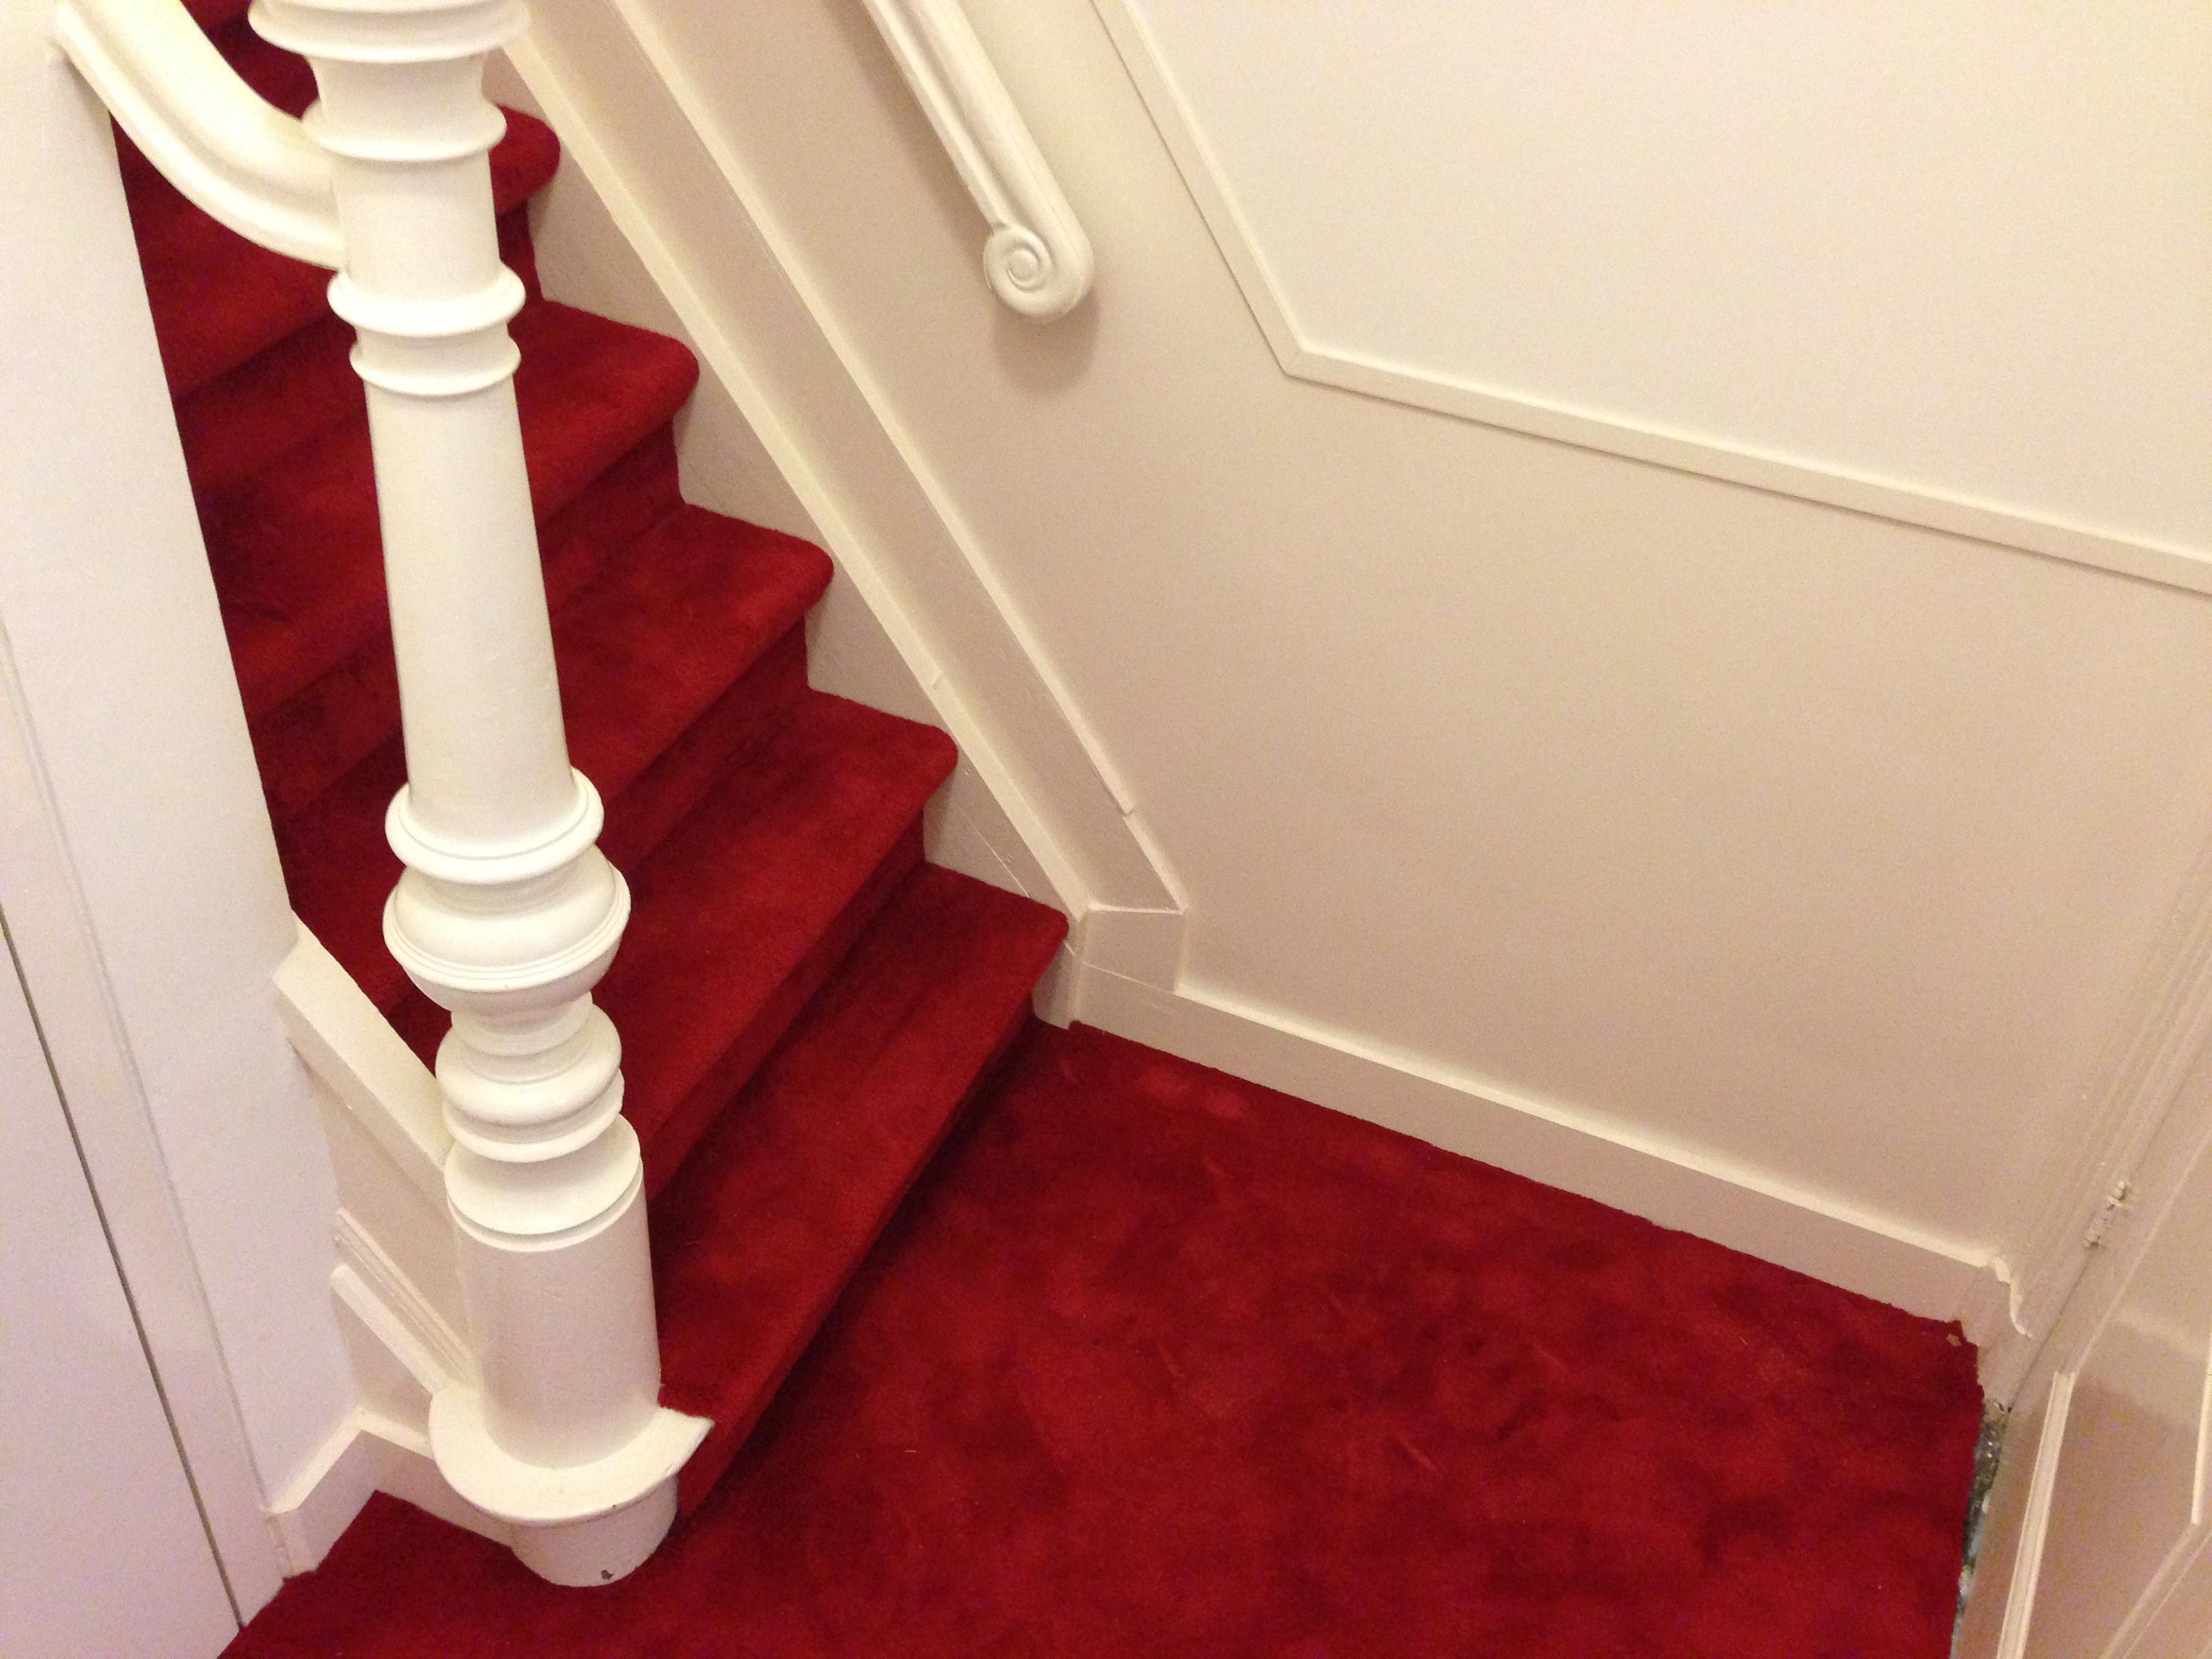 Trappenhuis renoveren esb onderhoudesb onderhoud - Decoratie van trappenhuis ...